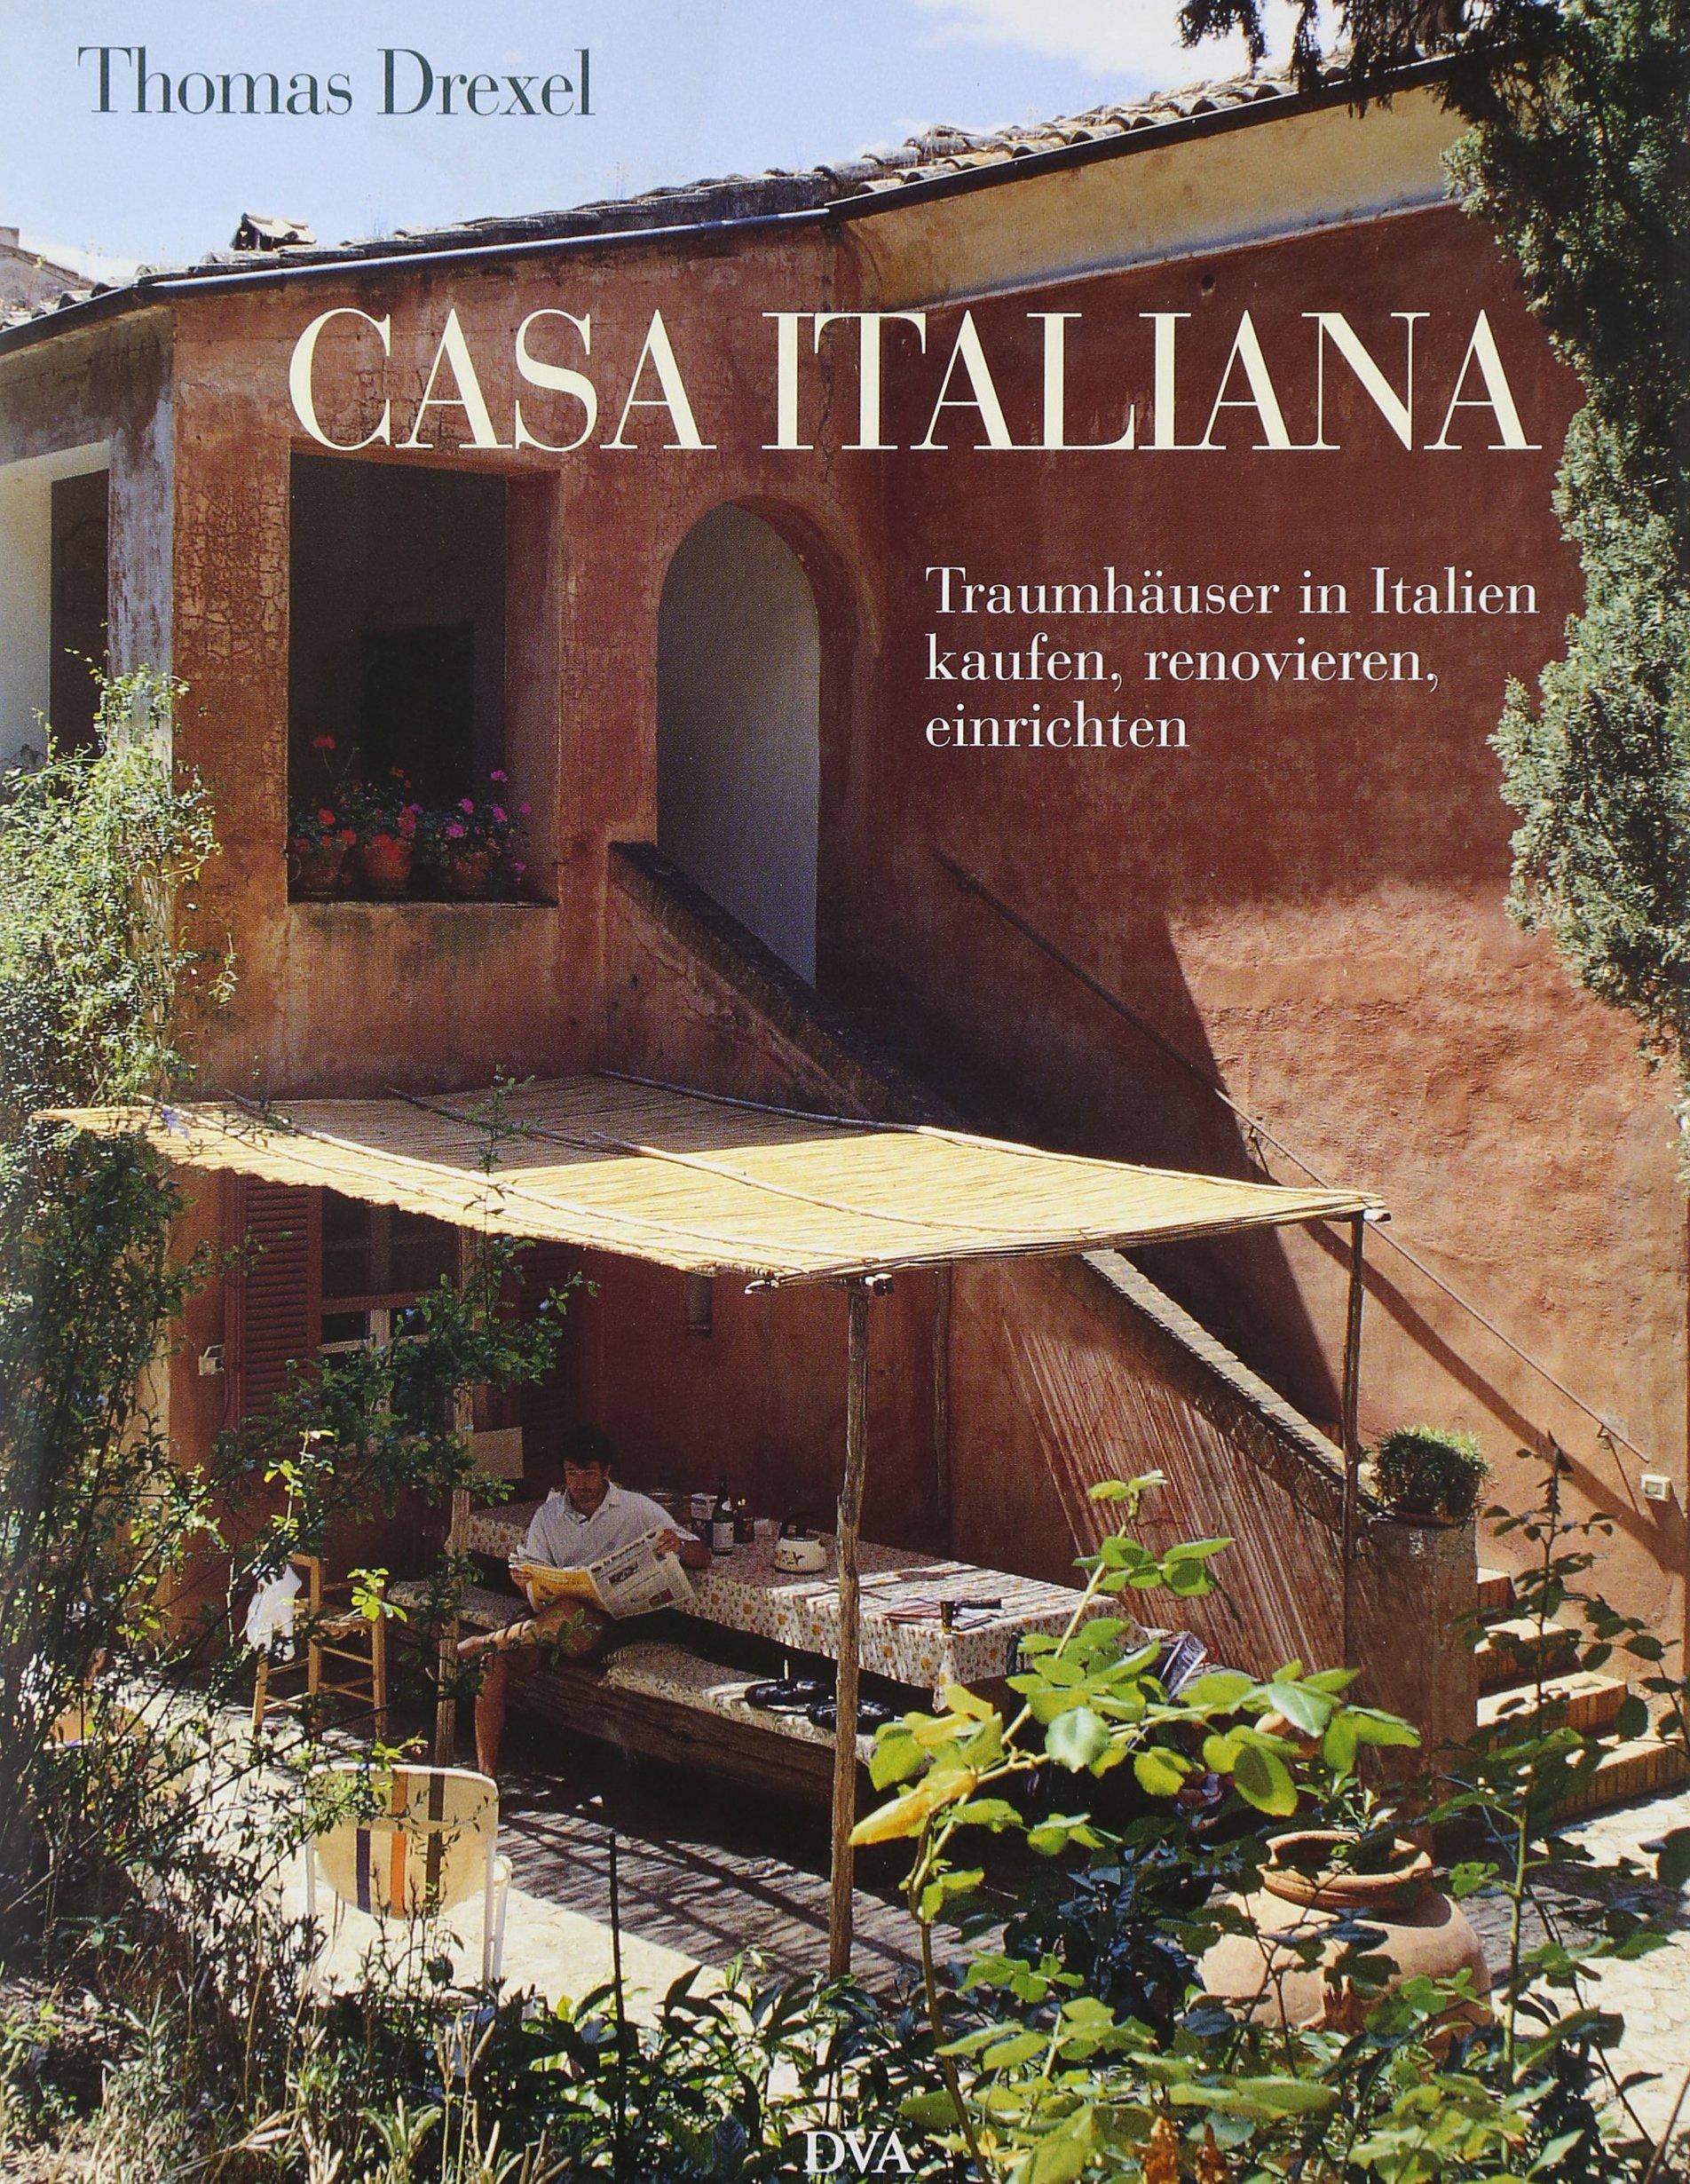 Casa italiana: Traumhäuser in Italien kaufen, renovieren, einrichten